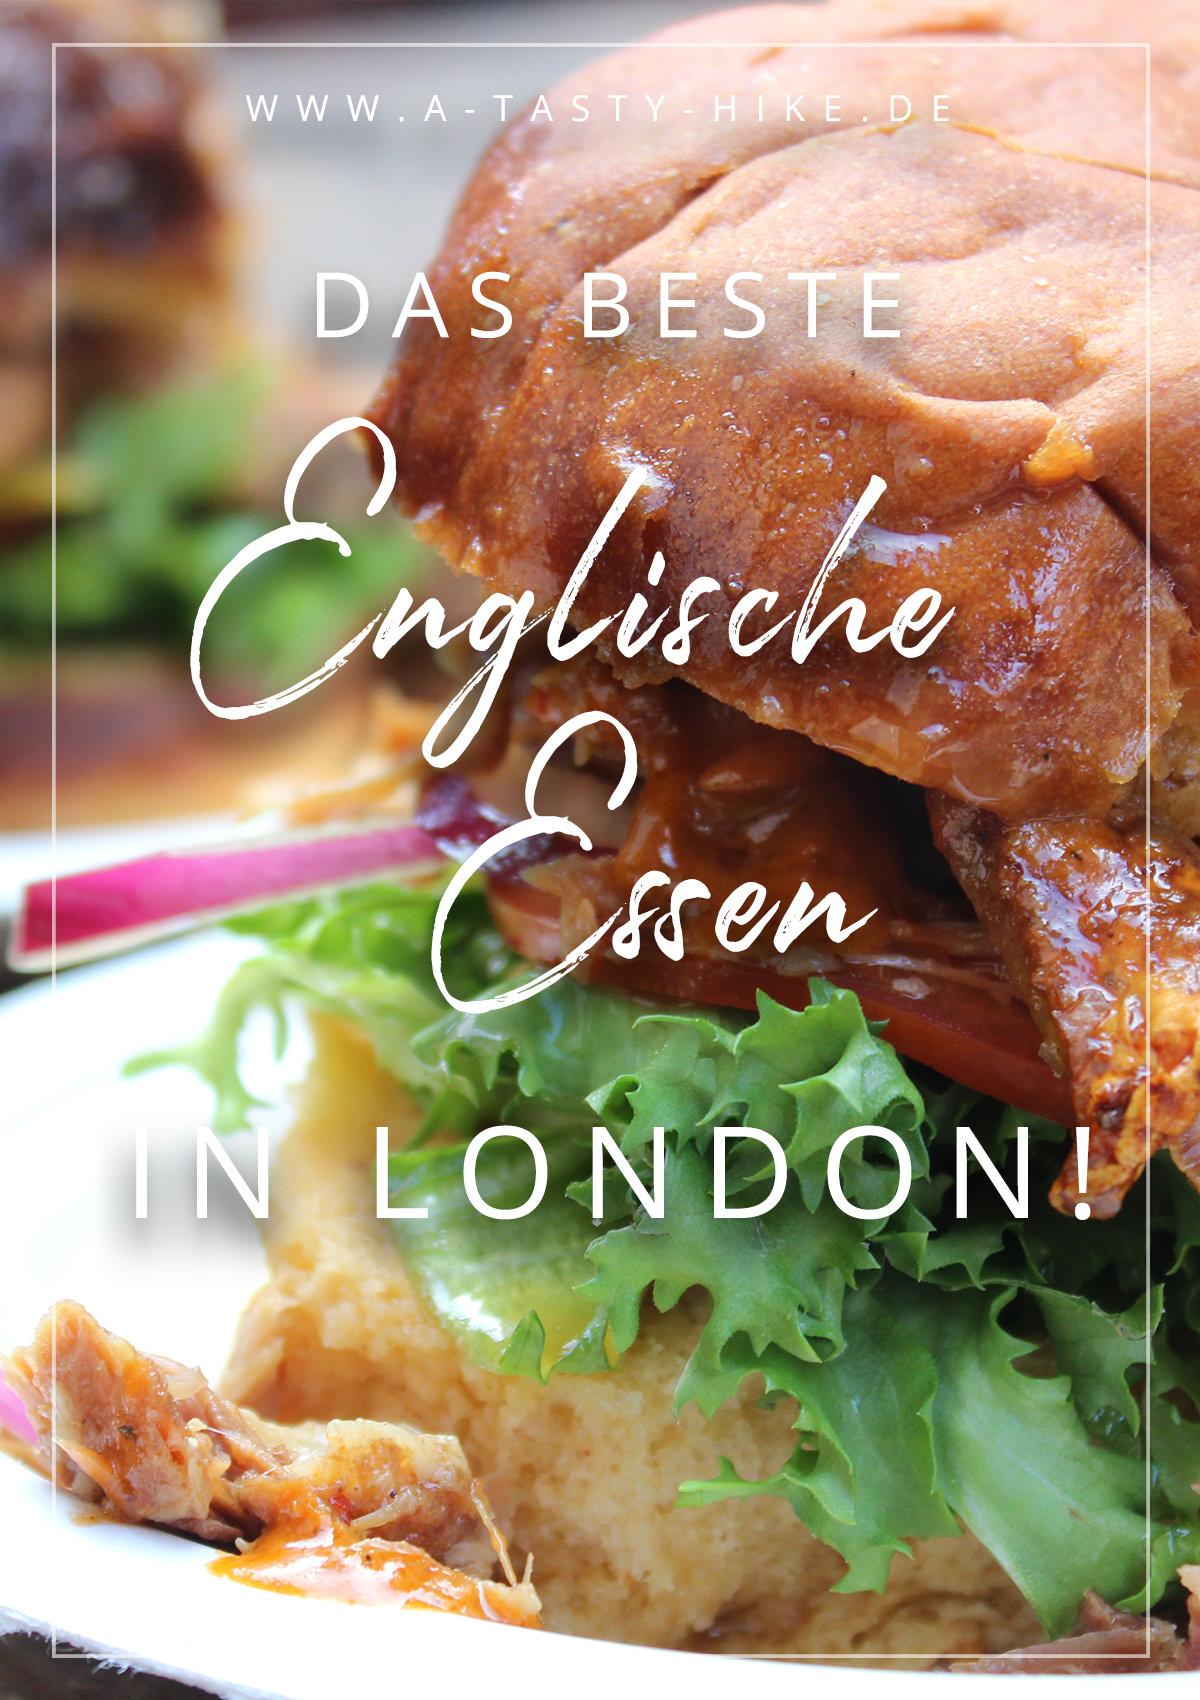 London Reise Tipps Essen - Hier erfährst du, wo du in London essen gehen kannst und solltest. Wir zeigen dir, dass englisches Essen gar nicht so schlimm ist wie sein Ruf und das es sogar super lecker schmeckt! Ein Hoch auf Englisches Essen in London! #Englisch #London